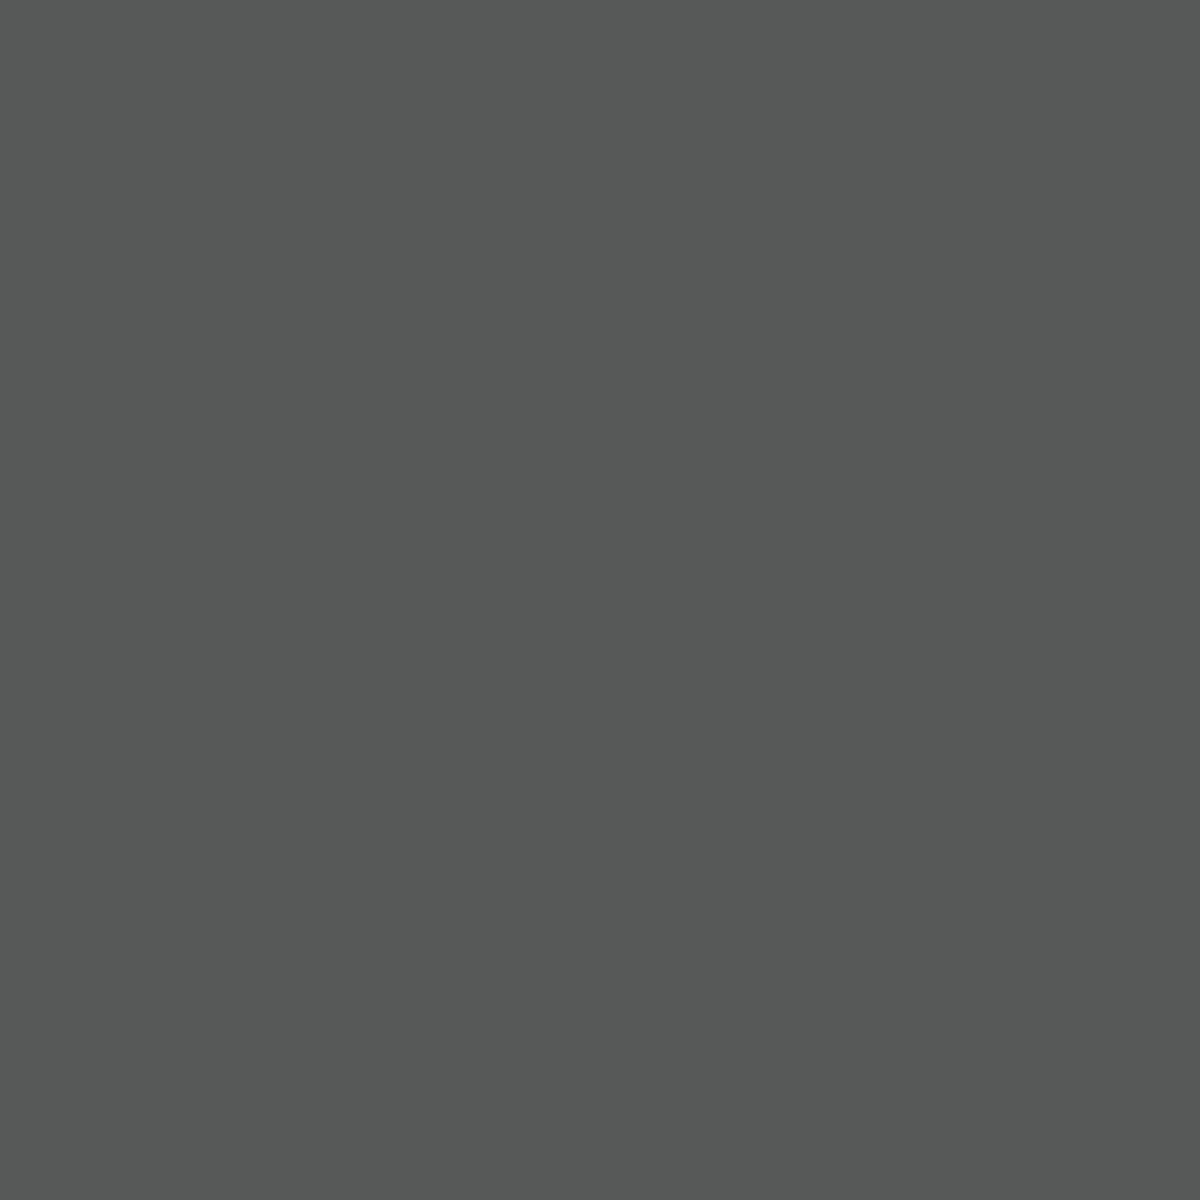 Vopsea lavabilă Chalkboard Gray, Benjamin Moore, 1 litru / cutie